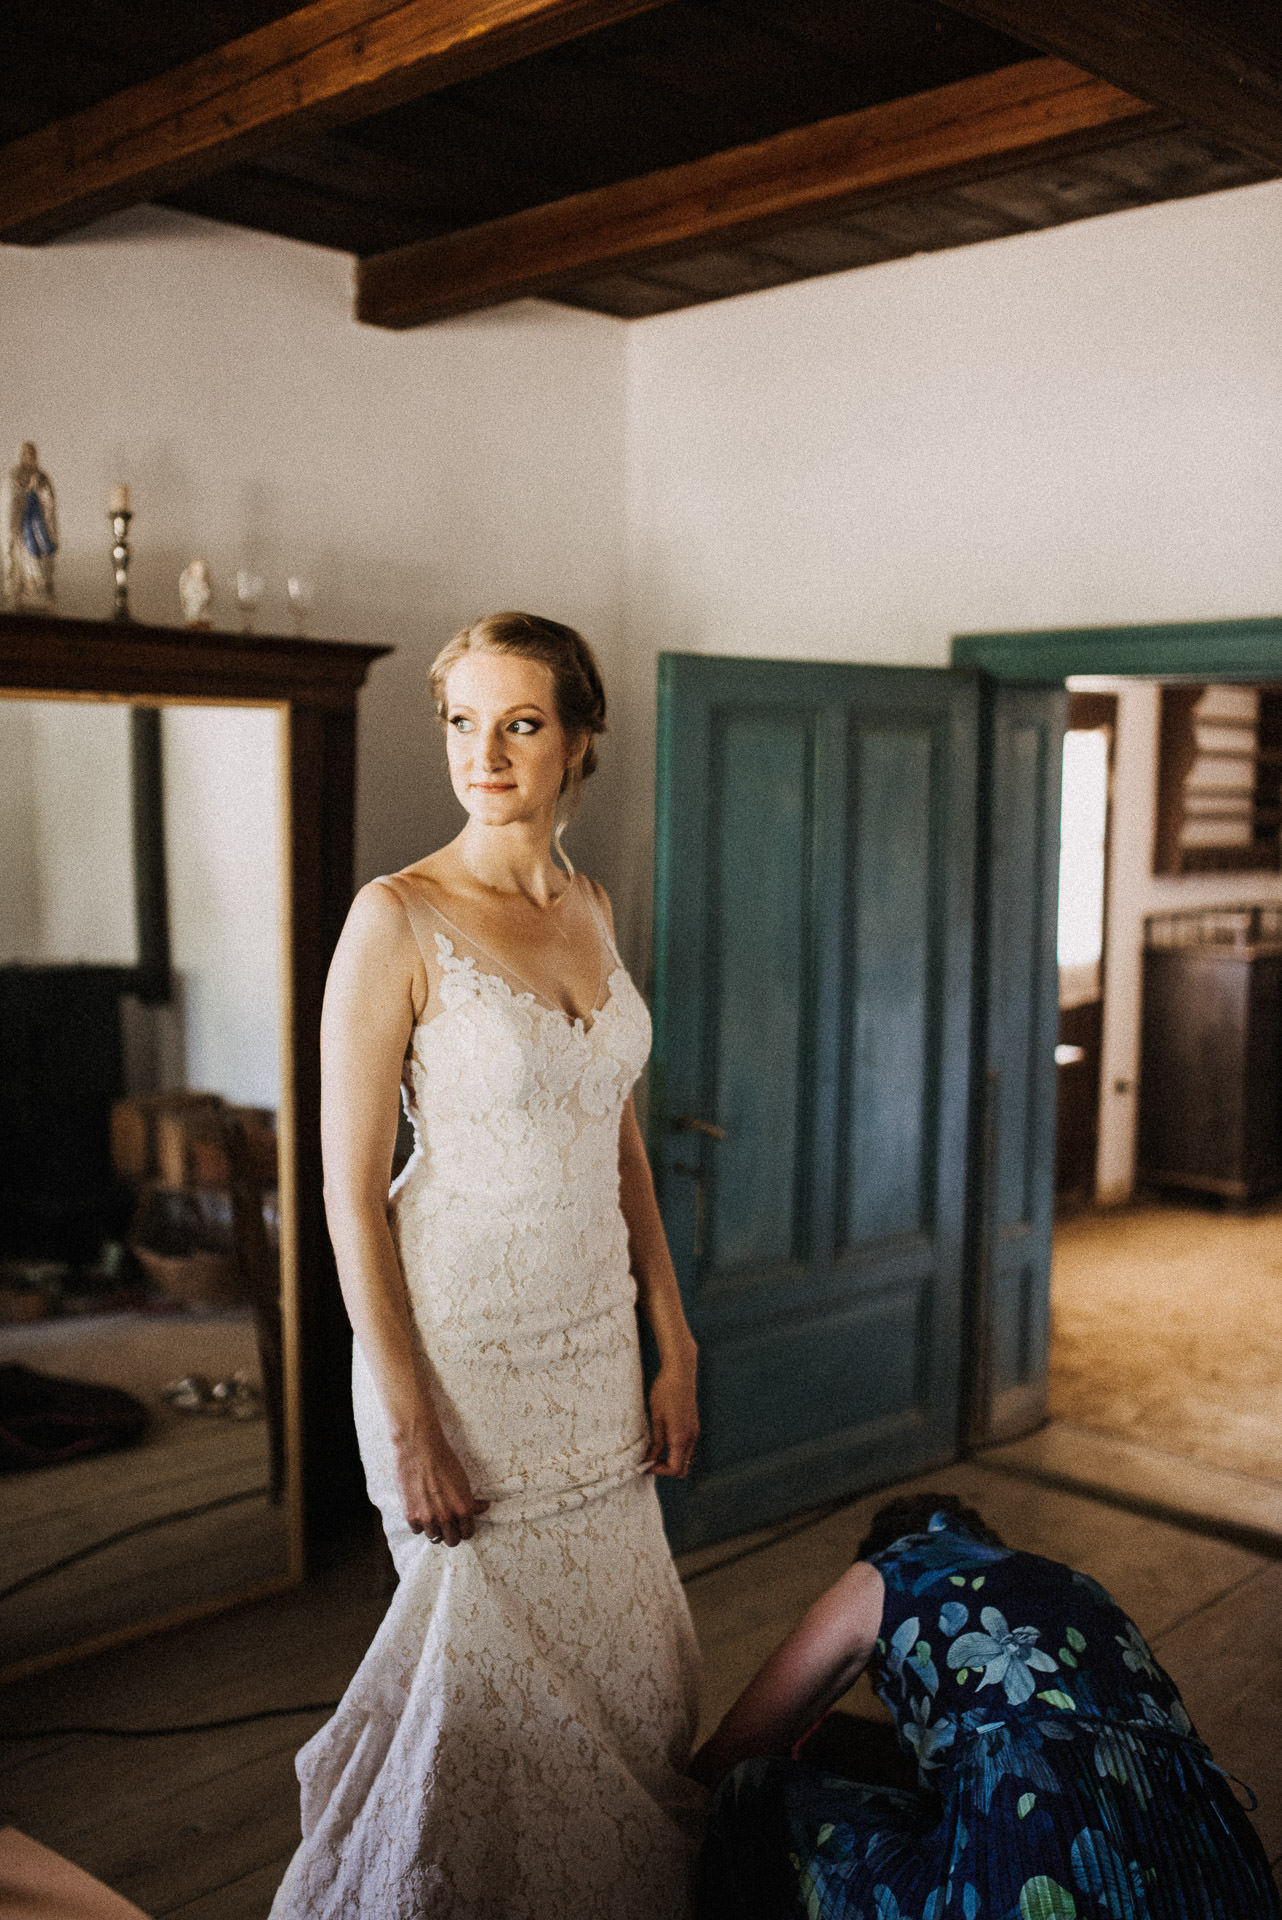 keszulodes getting ready bride menyasszony